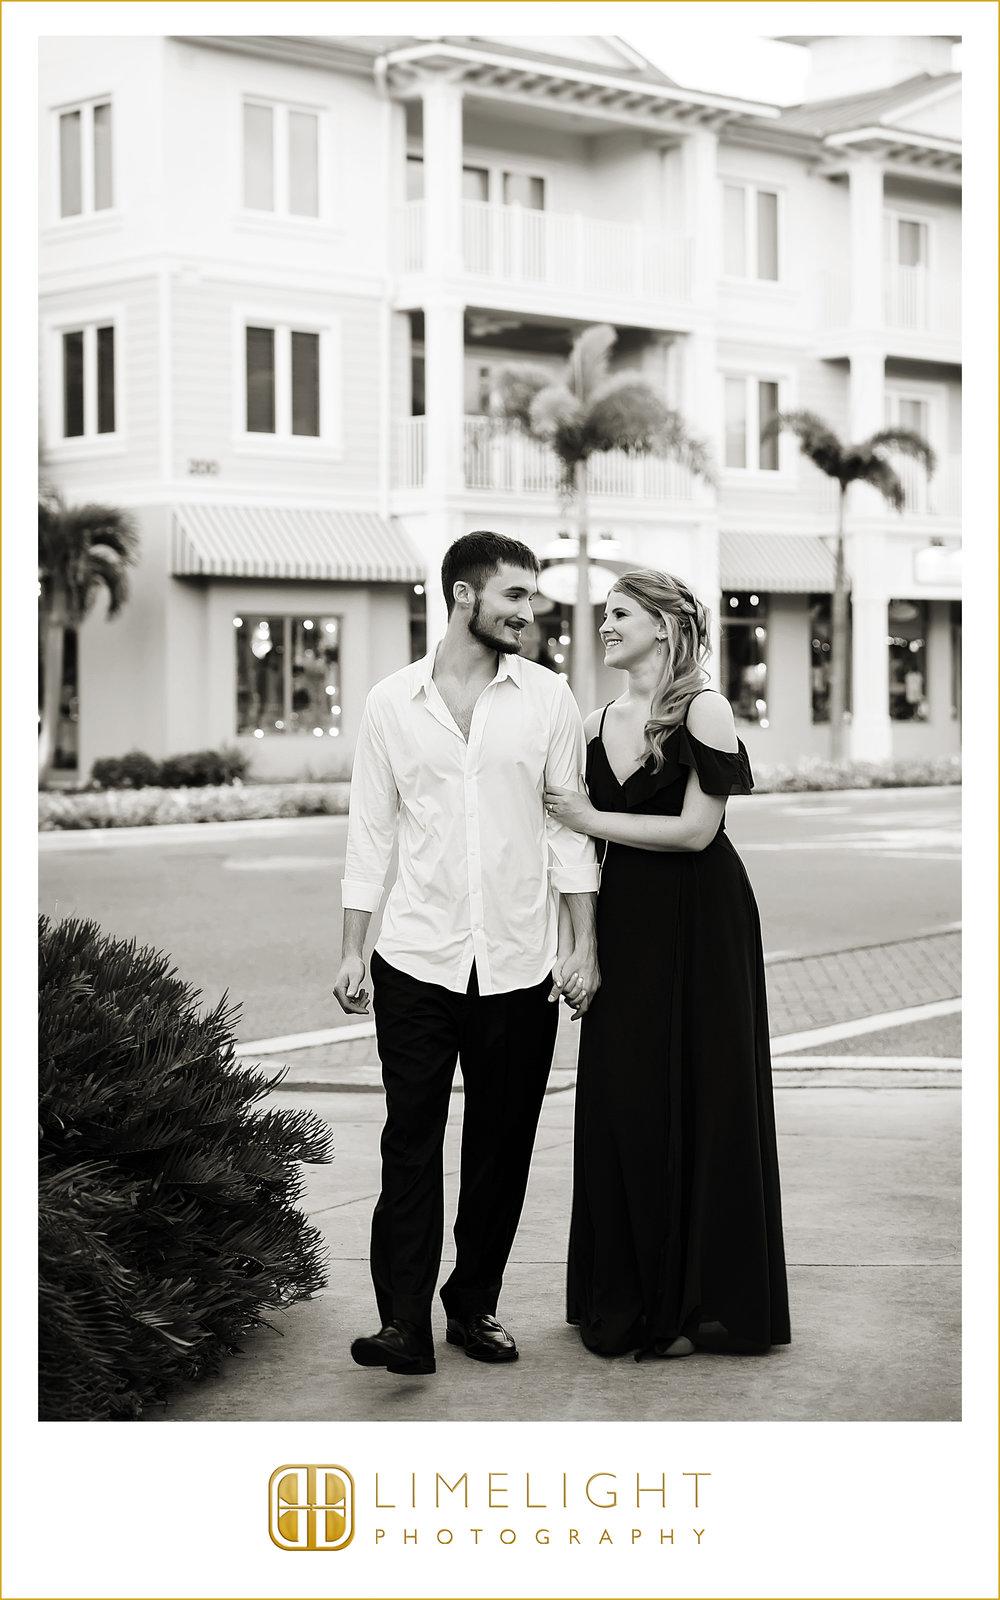 Copy of Portrait | Mr. & Mrs. | Engagement